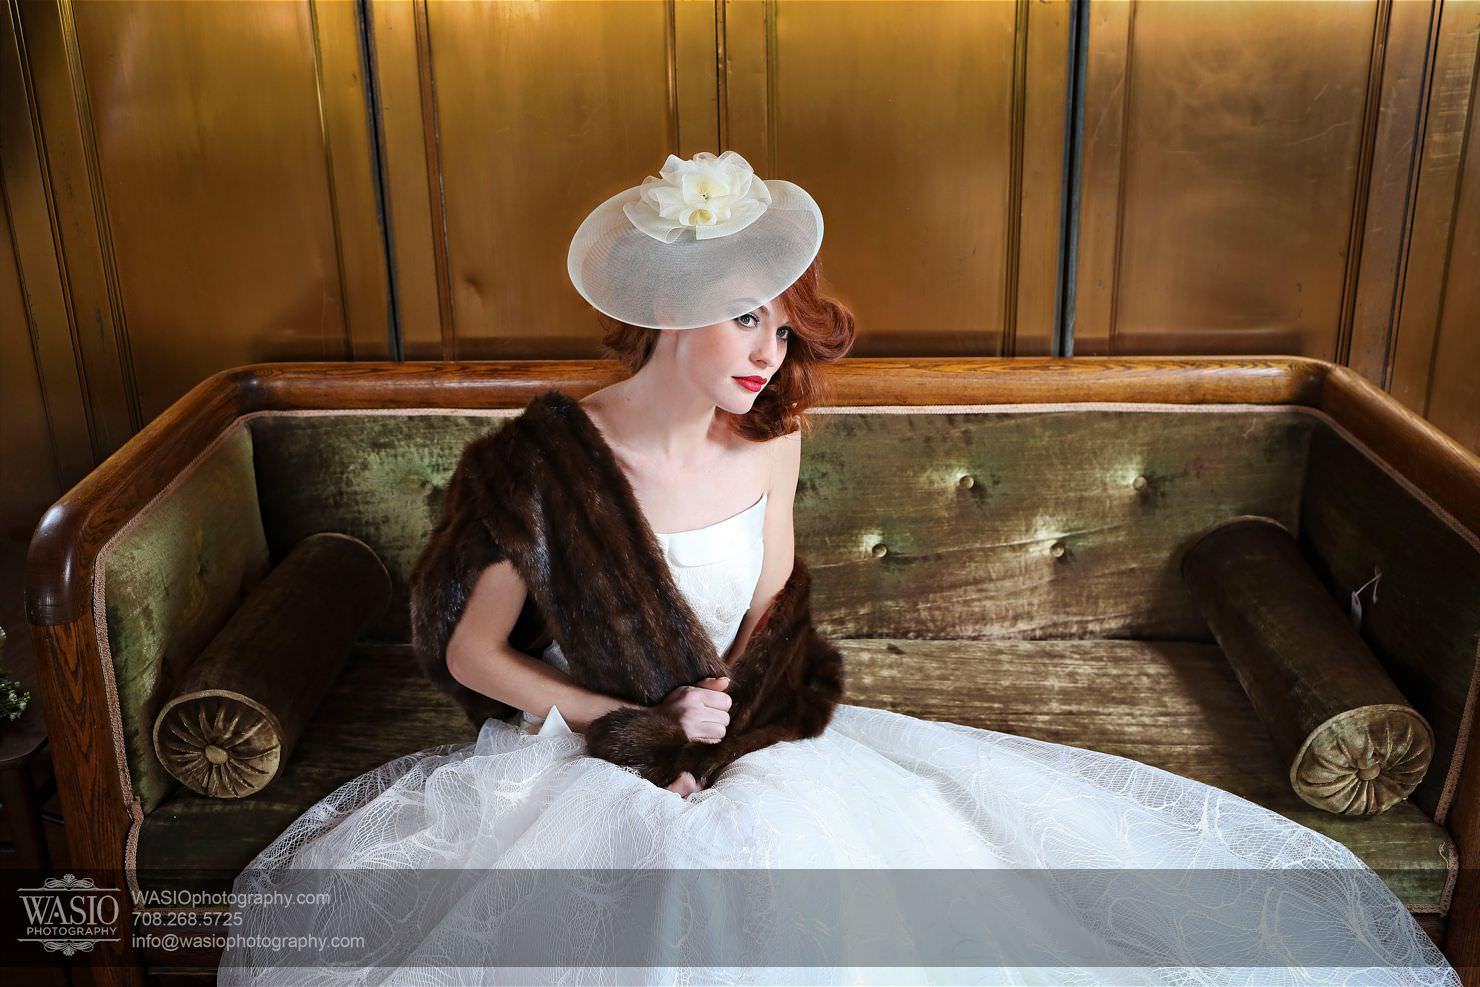 salvage-one-vintage-bride Salvage One - Chicago Vintage Bride